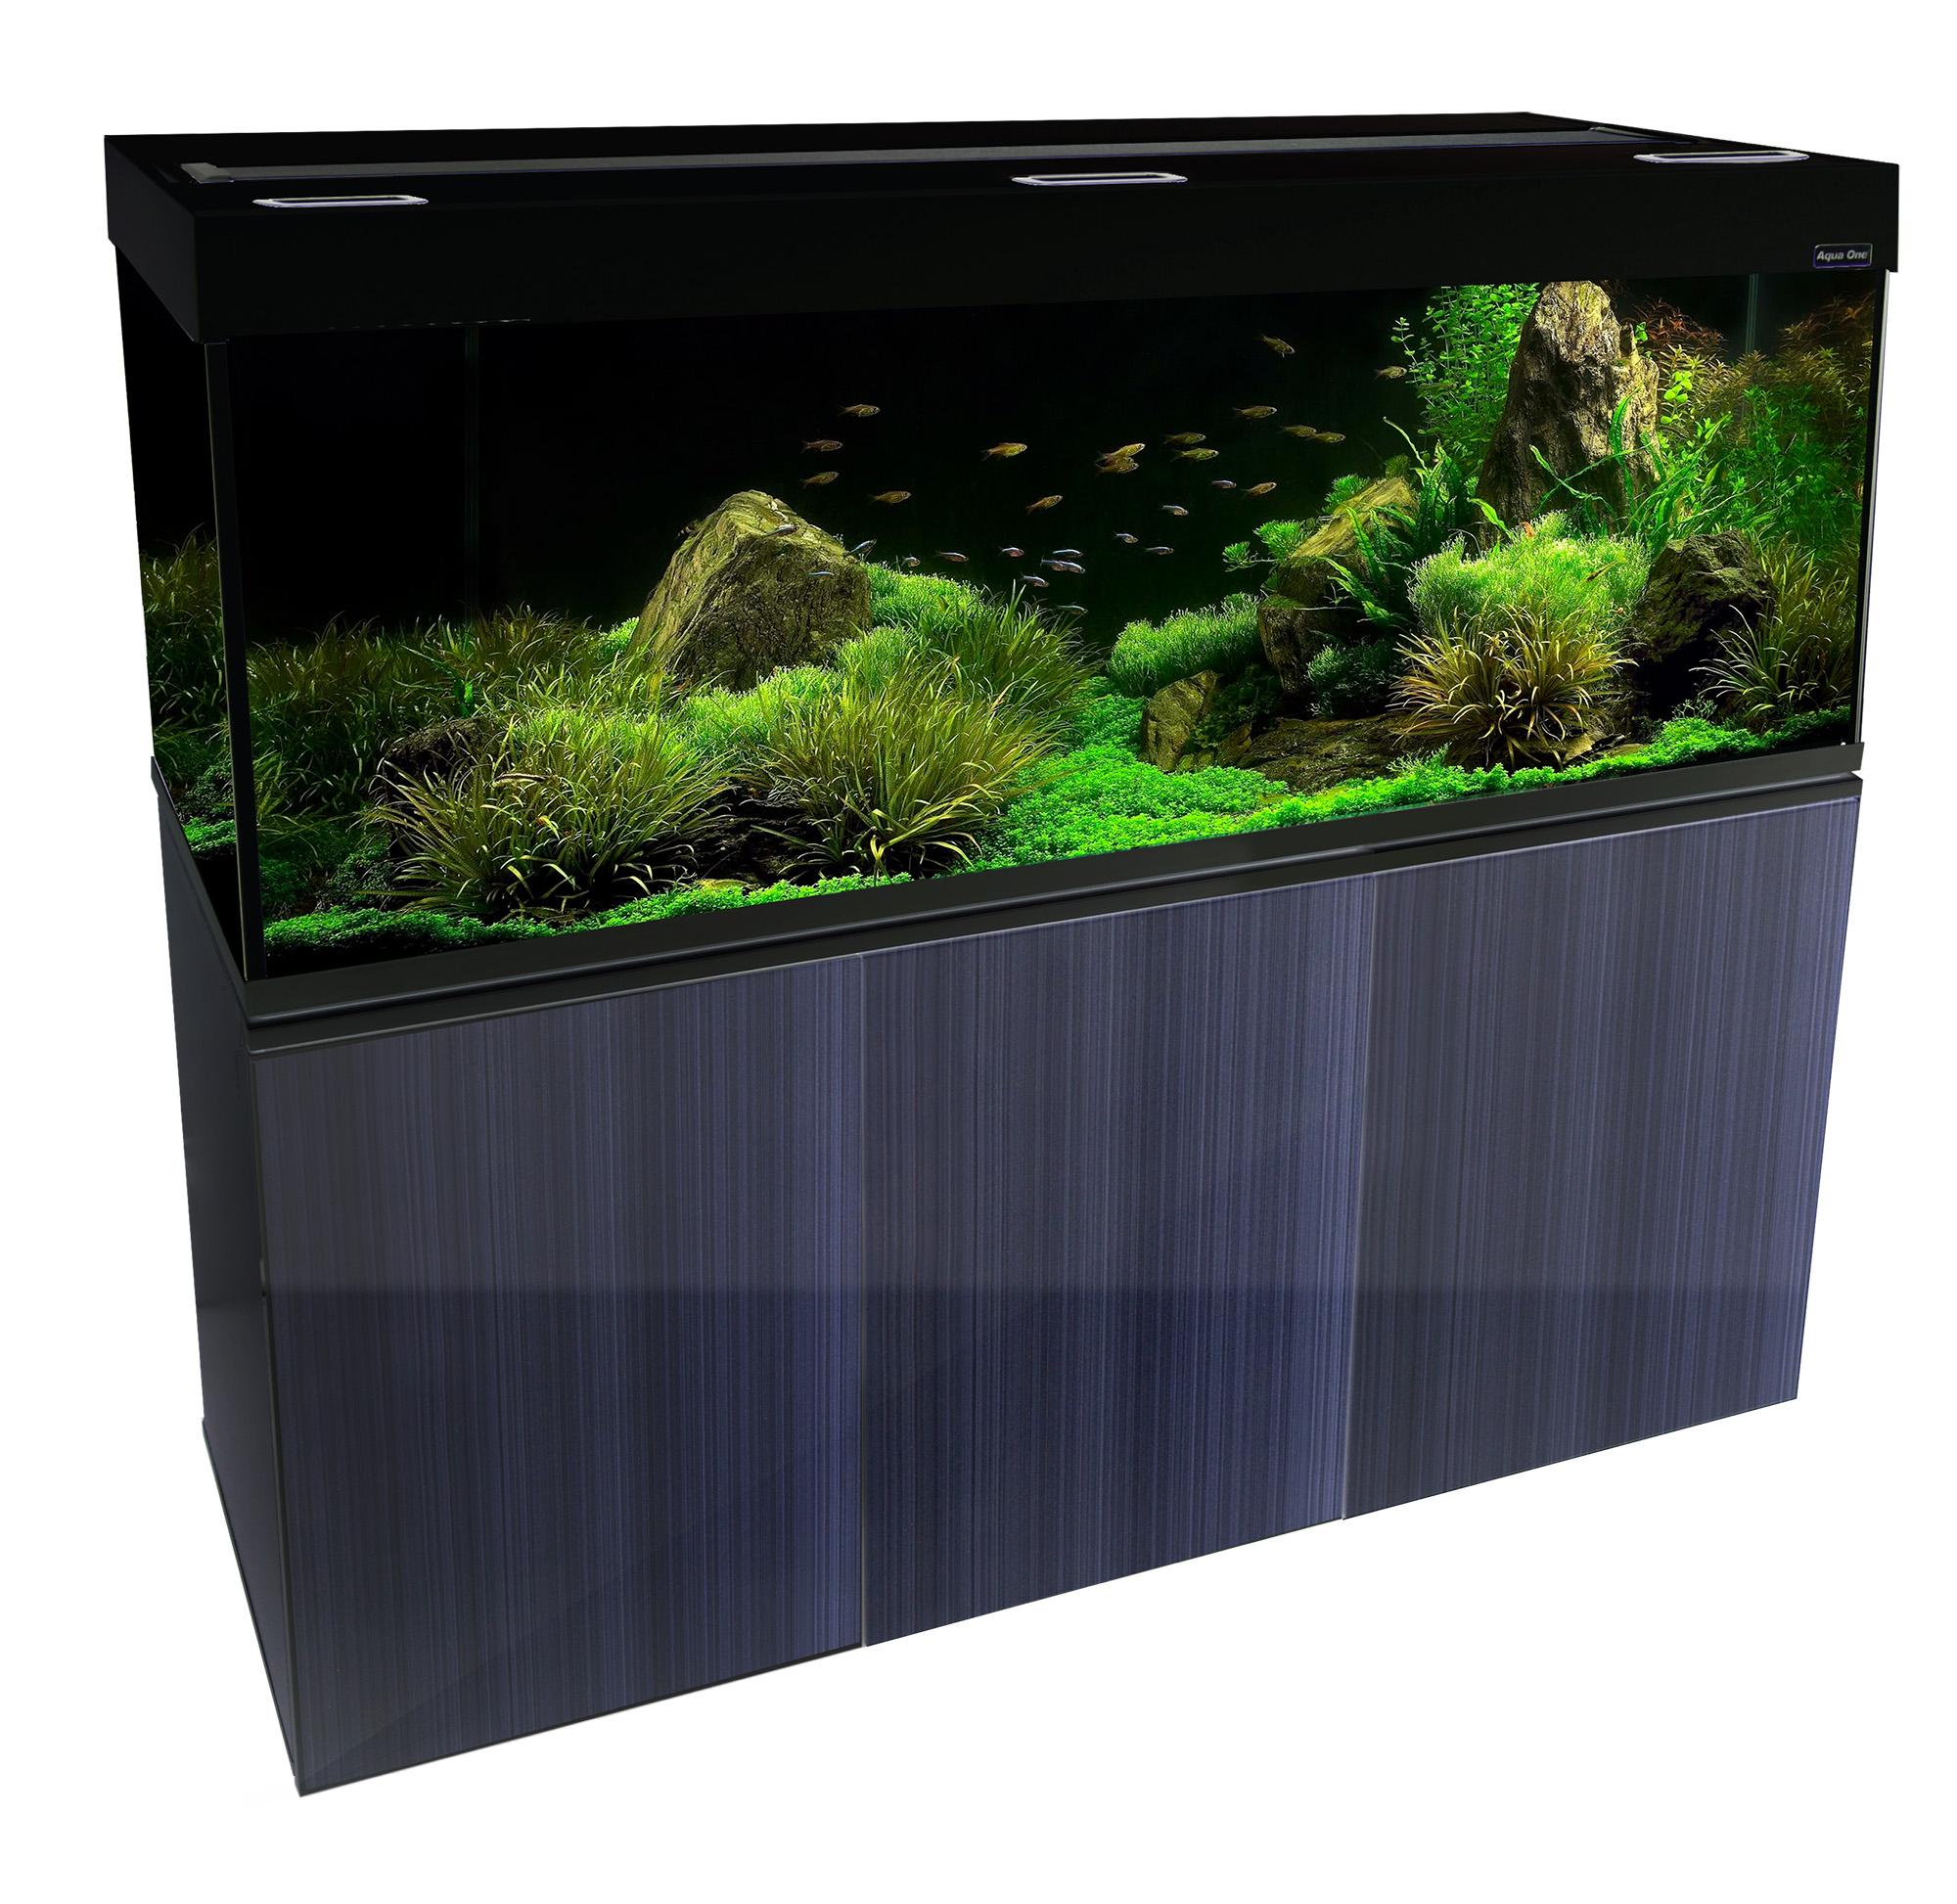 Aqua One Brilliance